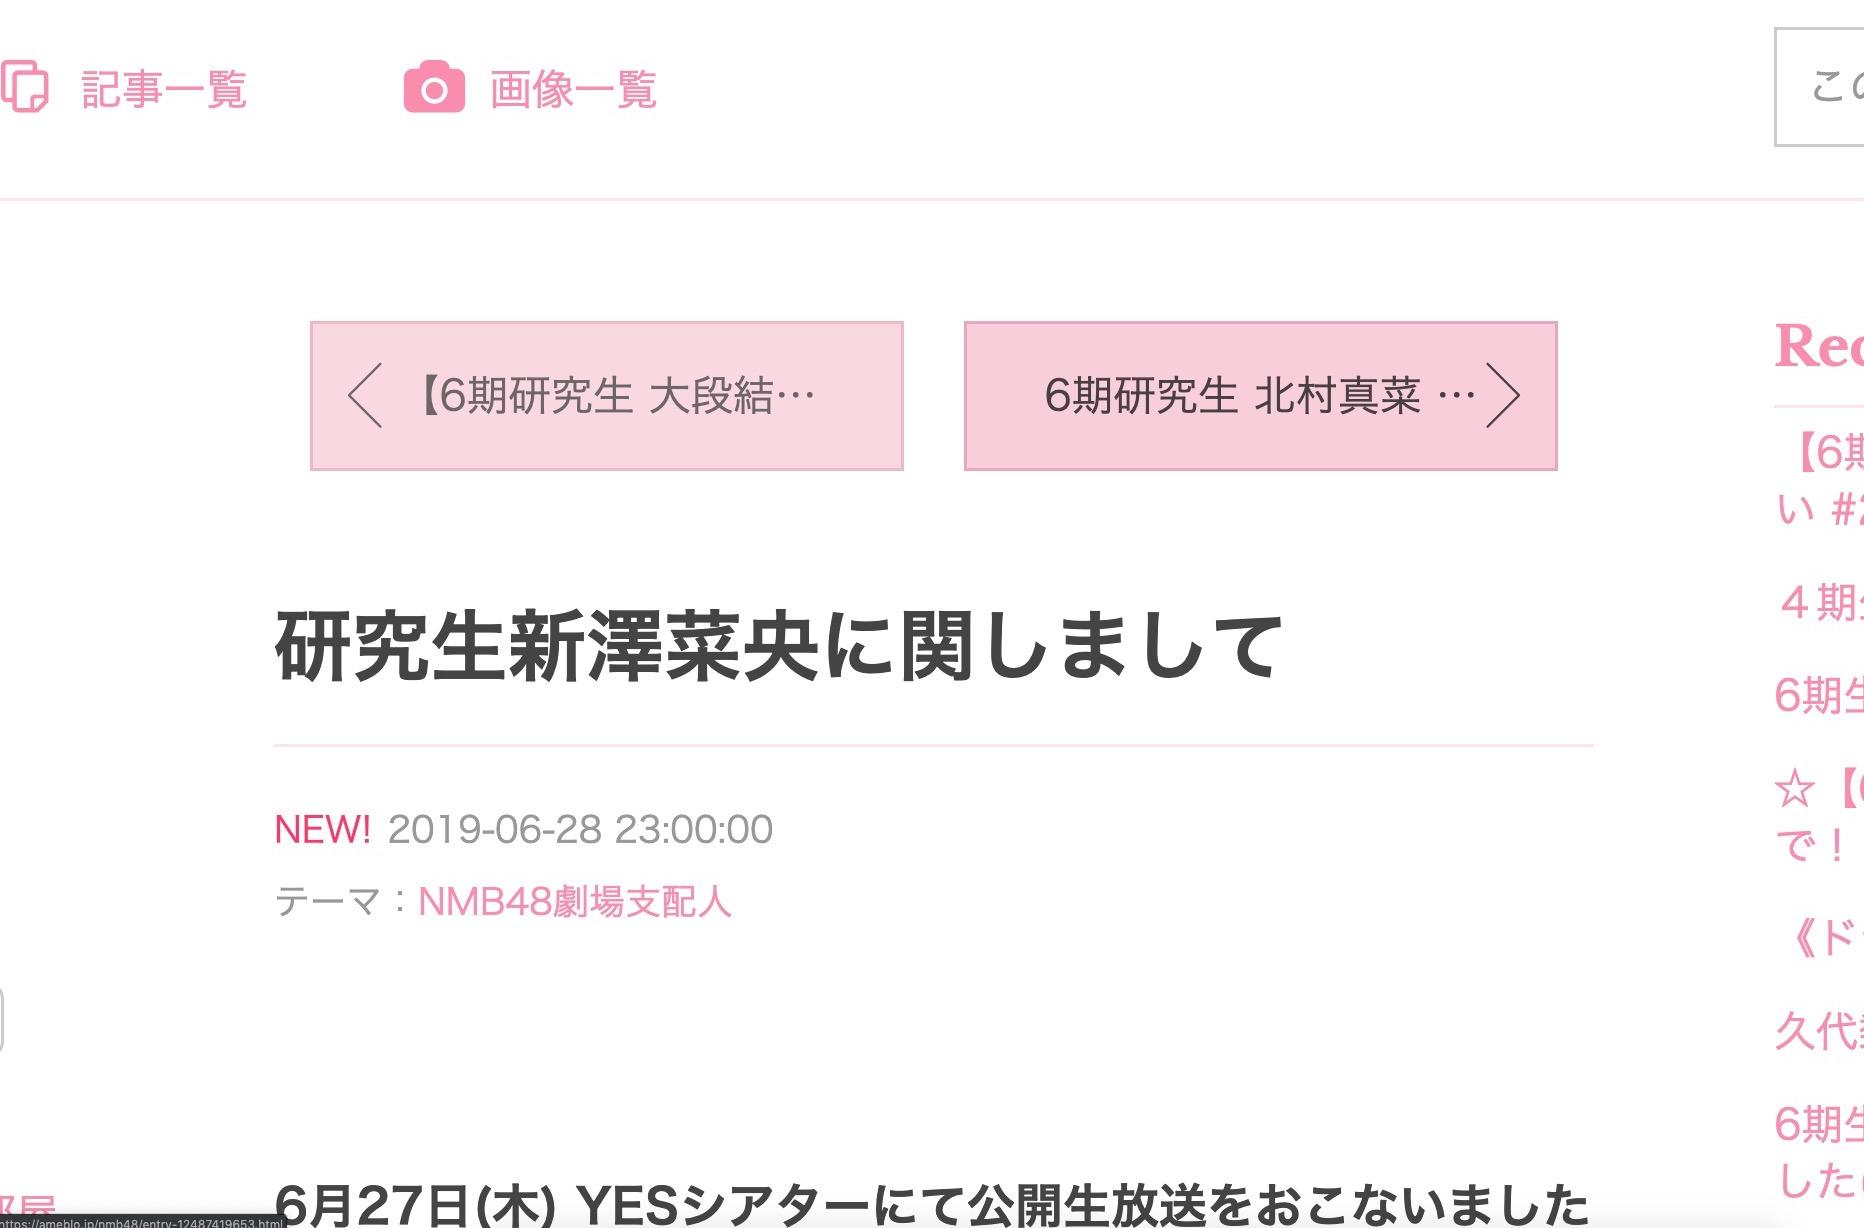 【新澤菜央】しんしんがケガの回復のために活動を制限。